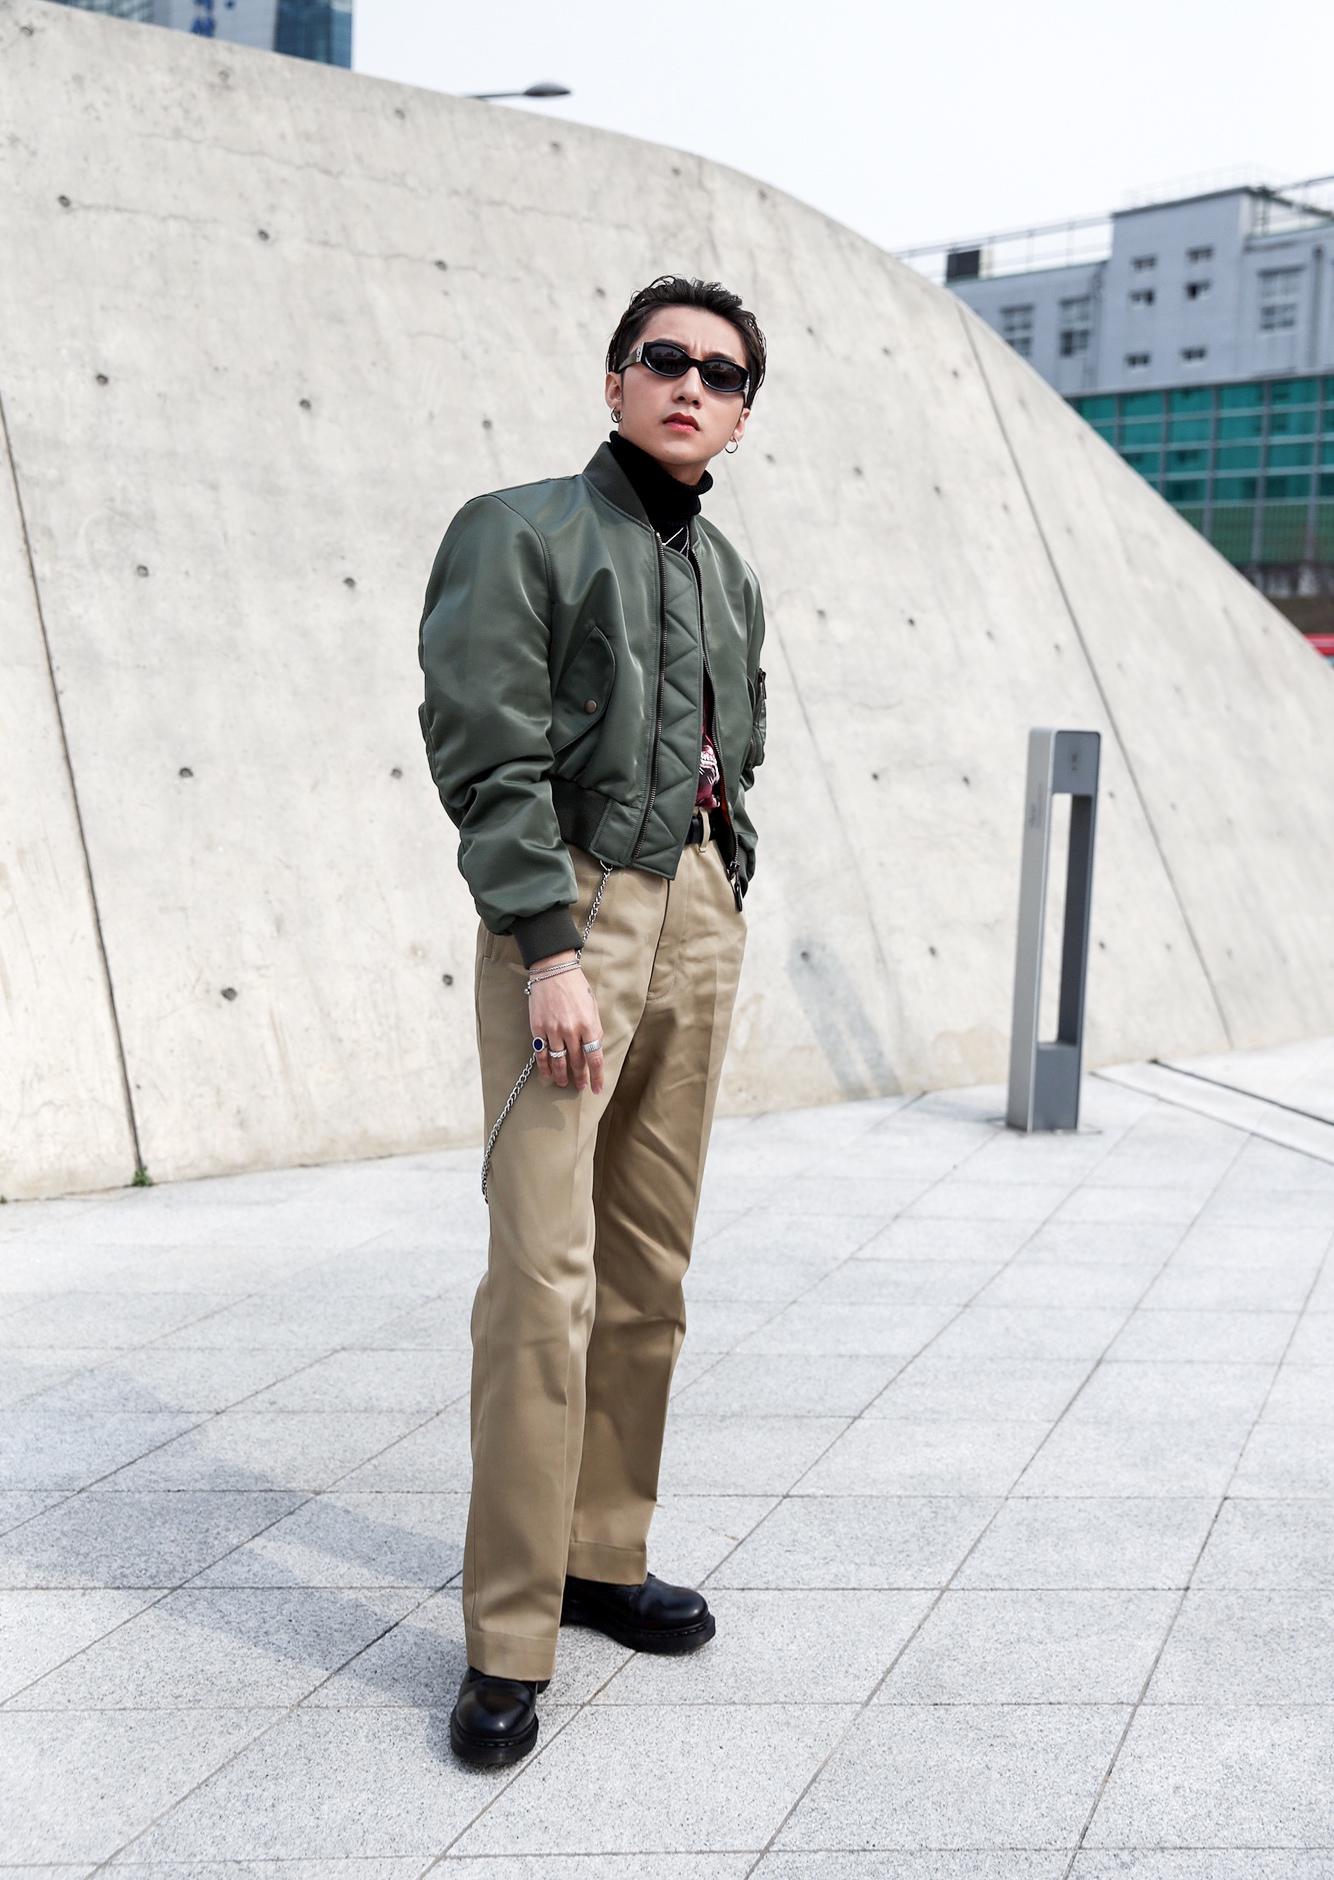 Ngạc nhiên chưa: Quần khaki ống rộng thời của bố mà Sơn Tùng từng mặc đang là hot trend của con gái khắp châu Á - Ảnh 5.